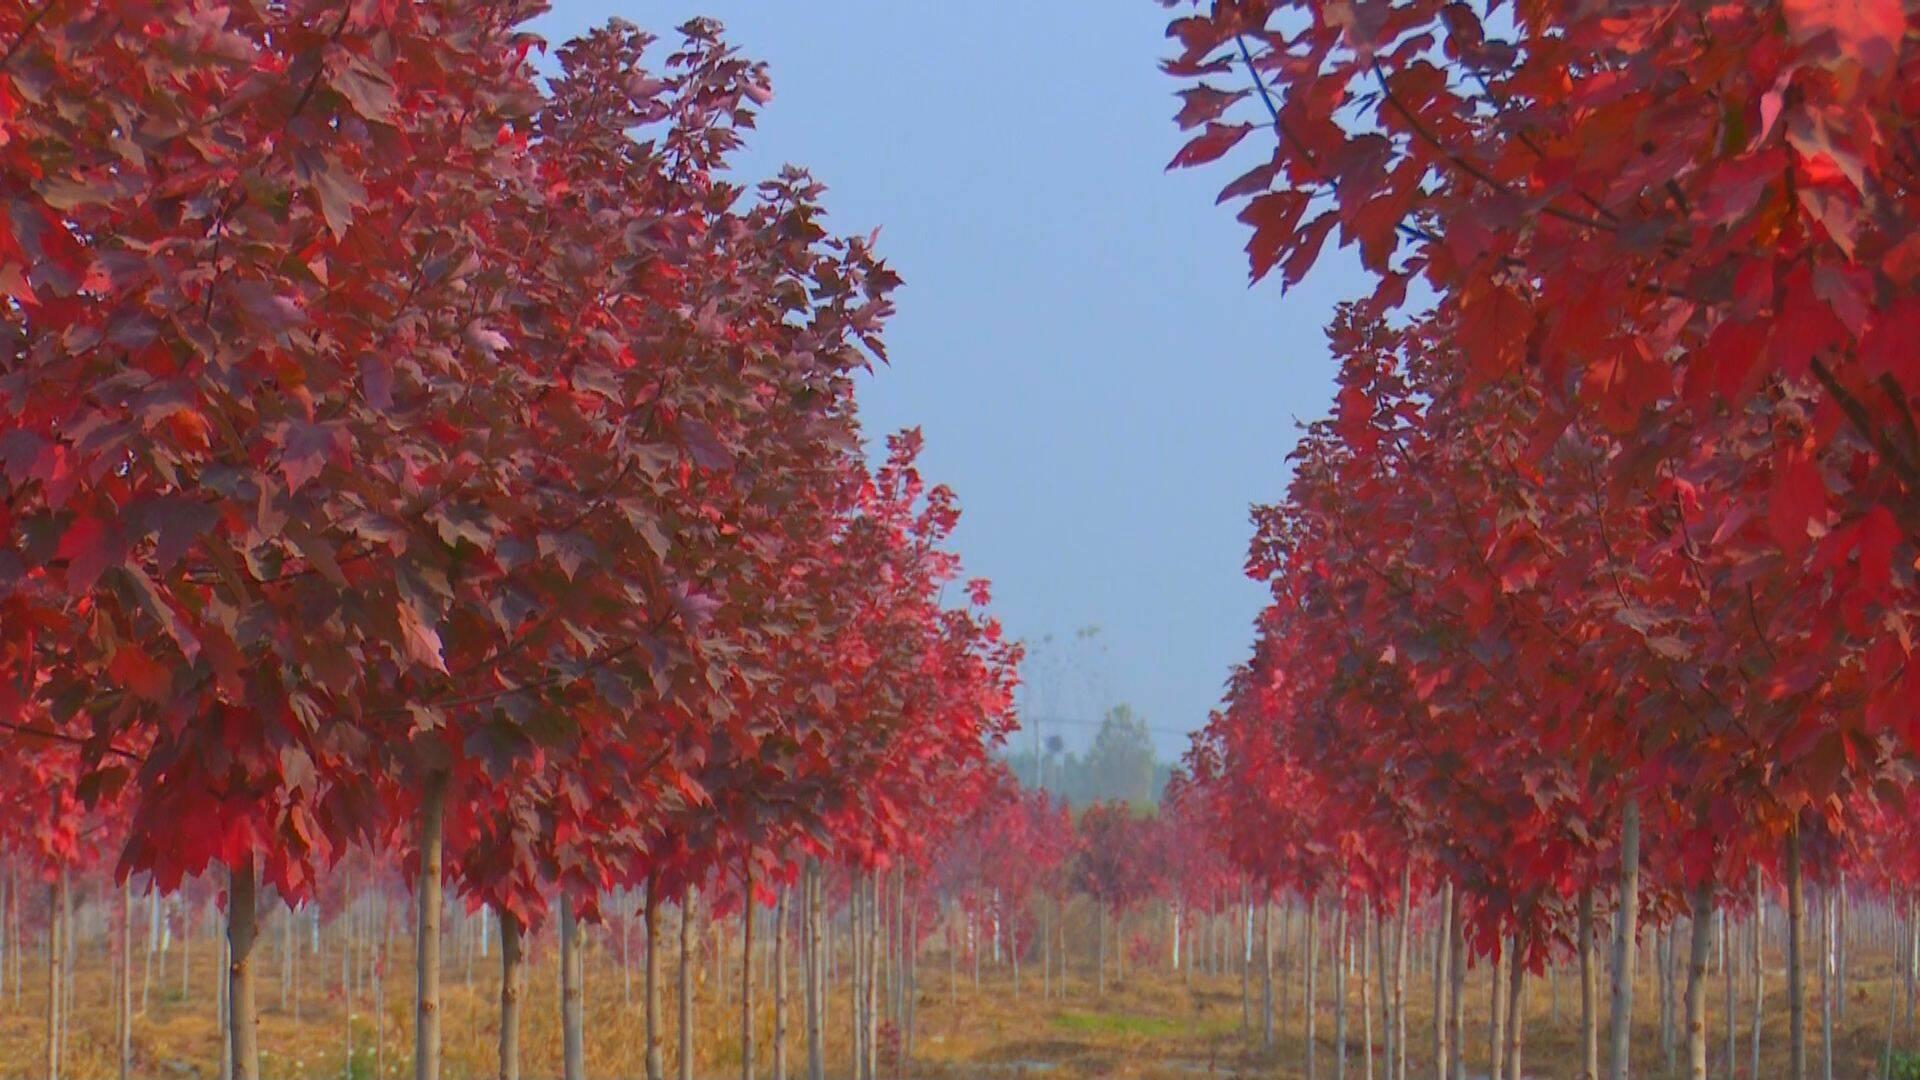 冬来枫叶红 兰陵千亩红枫进入红叶期